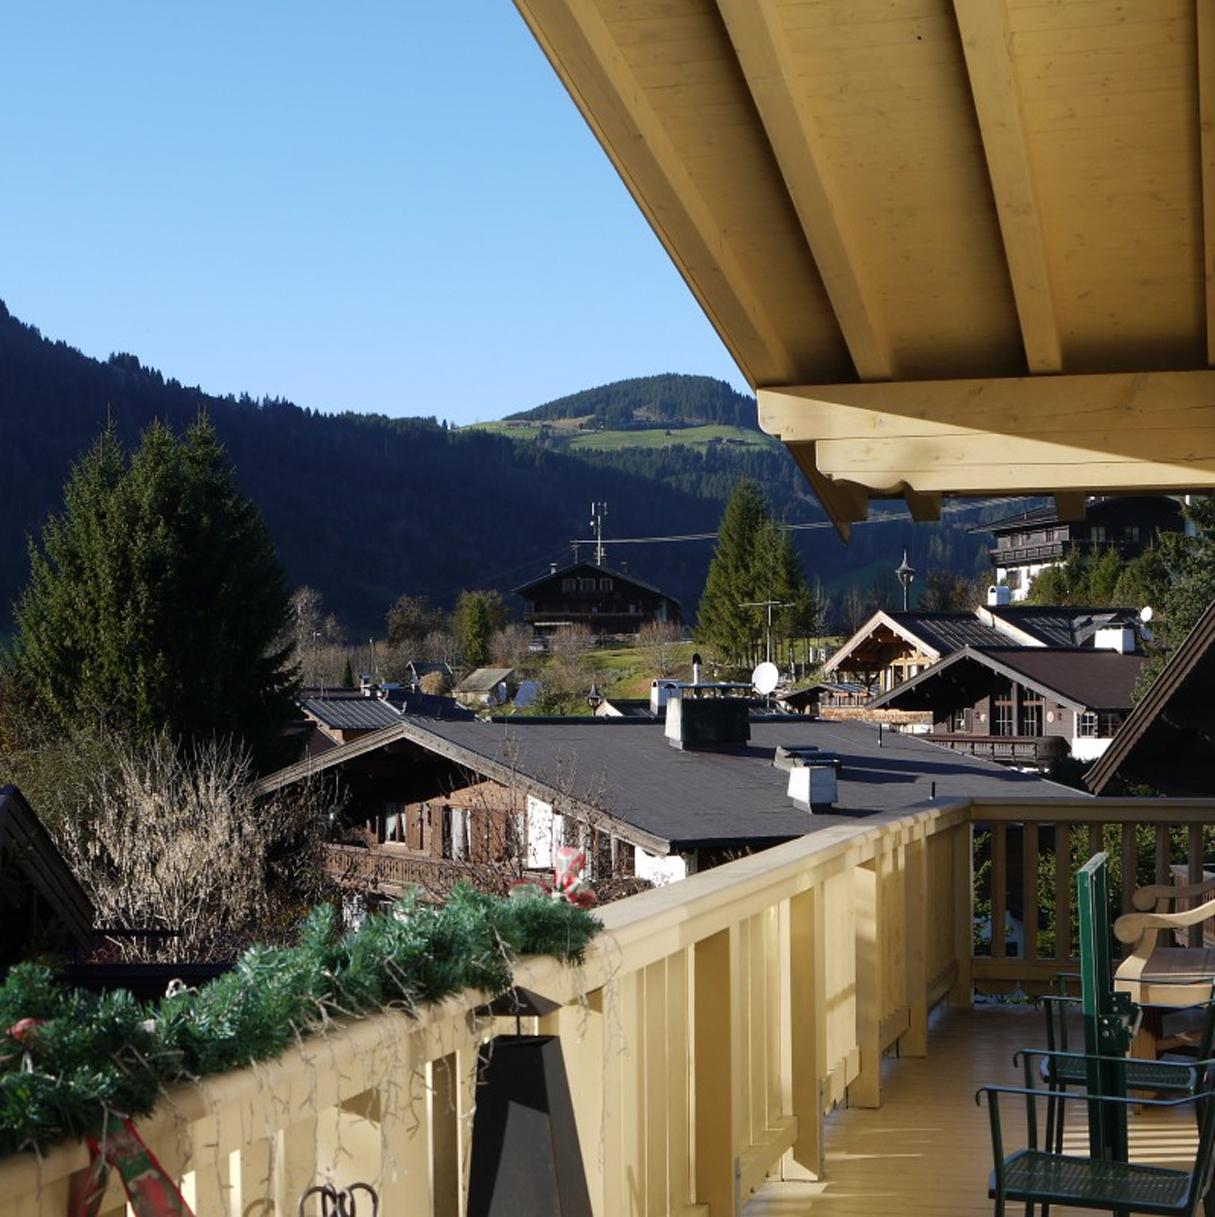 Leben im Tiroler Landhausstil